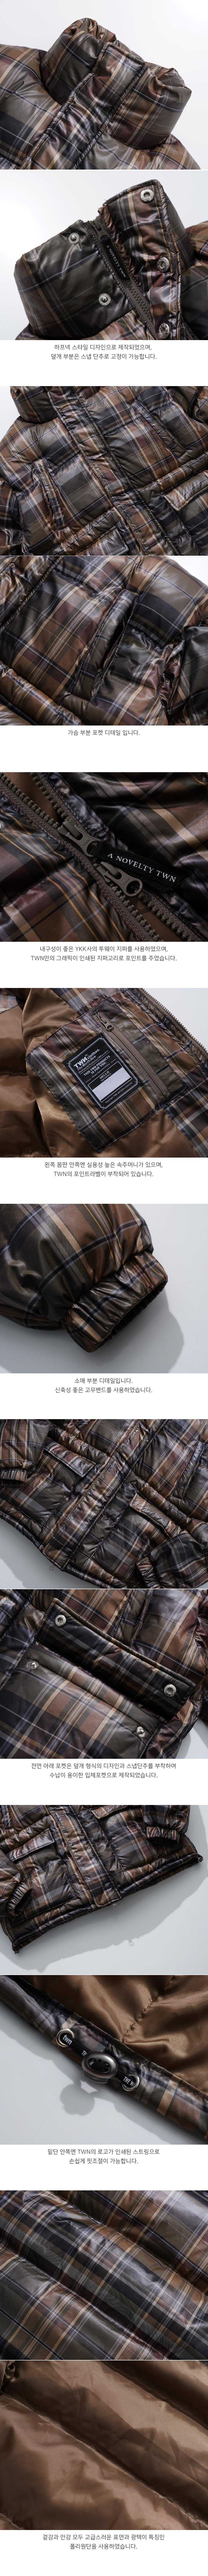 [티떠블유엔] 범즈 숏패딩 2종 JEOT3291